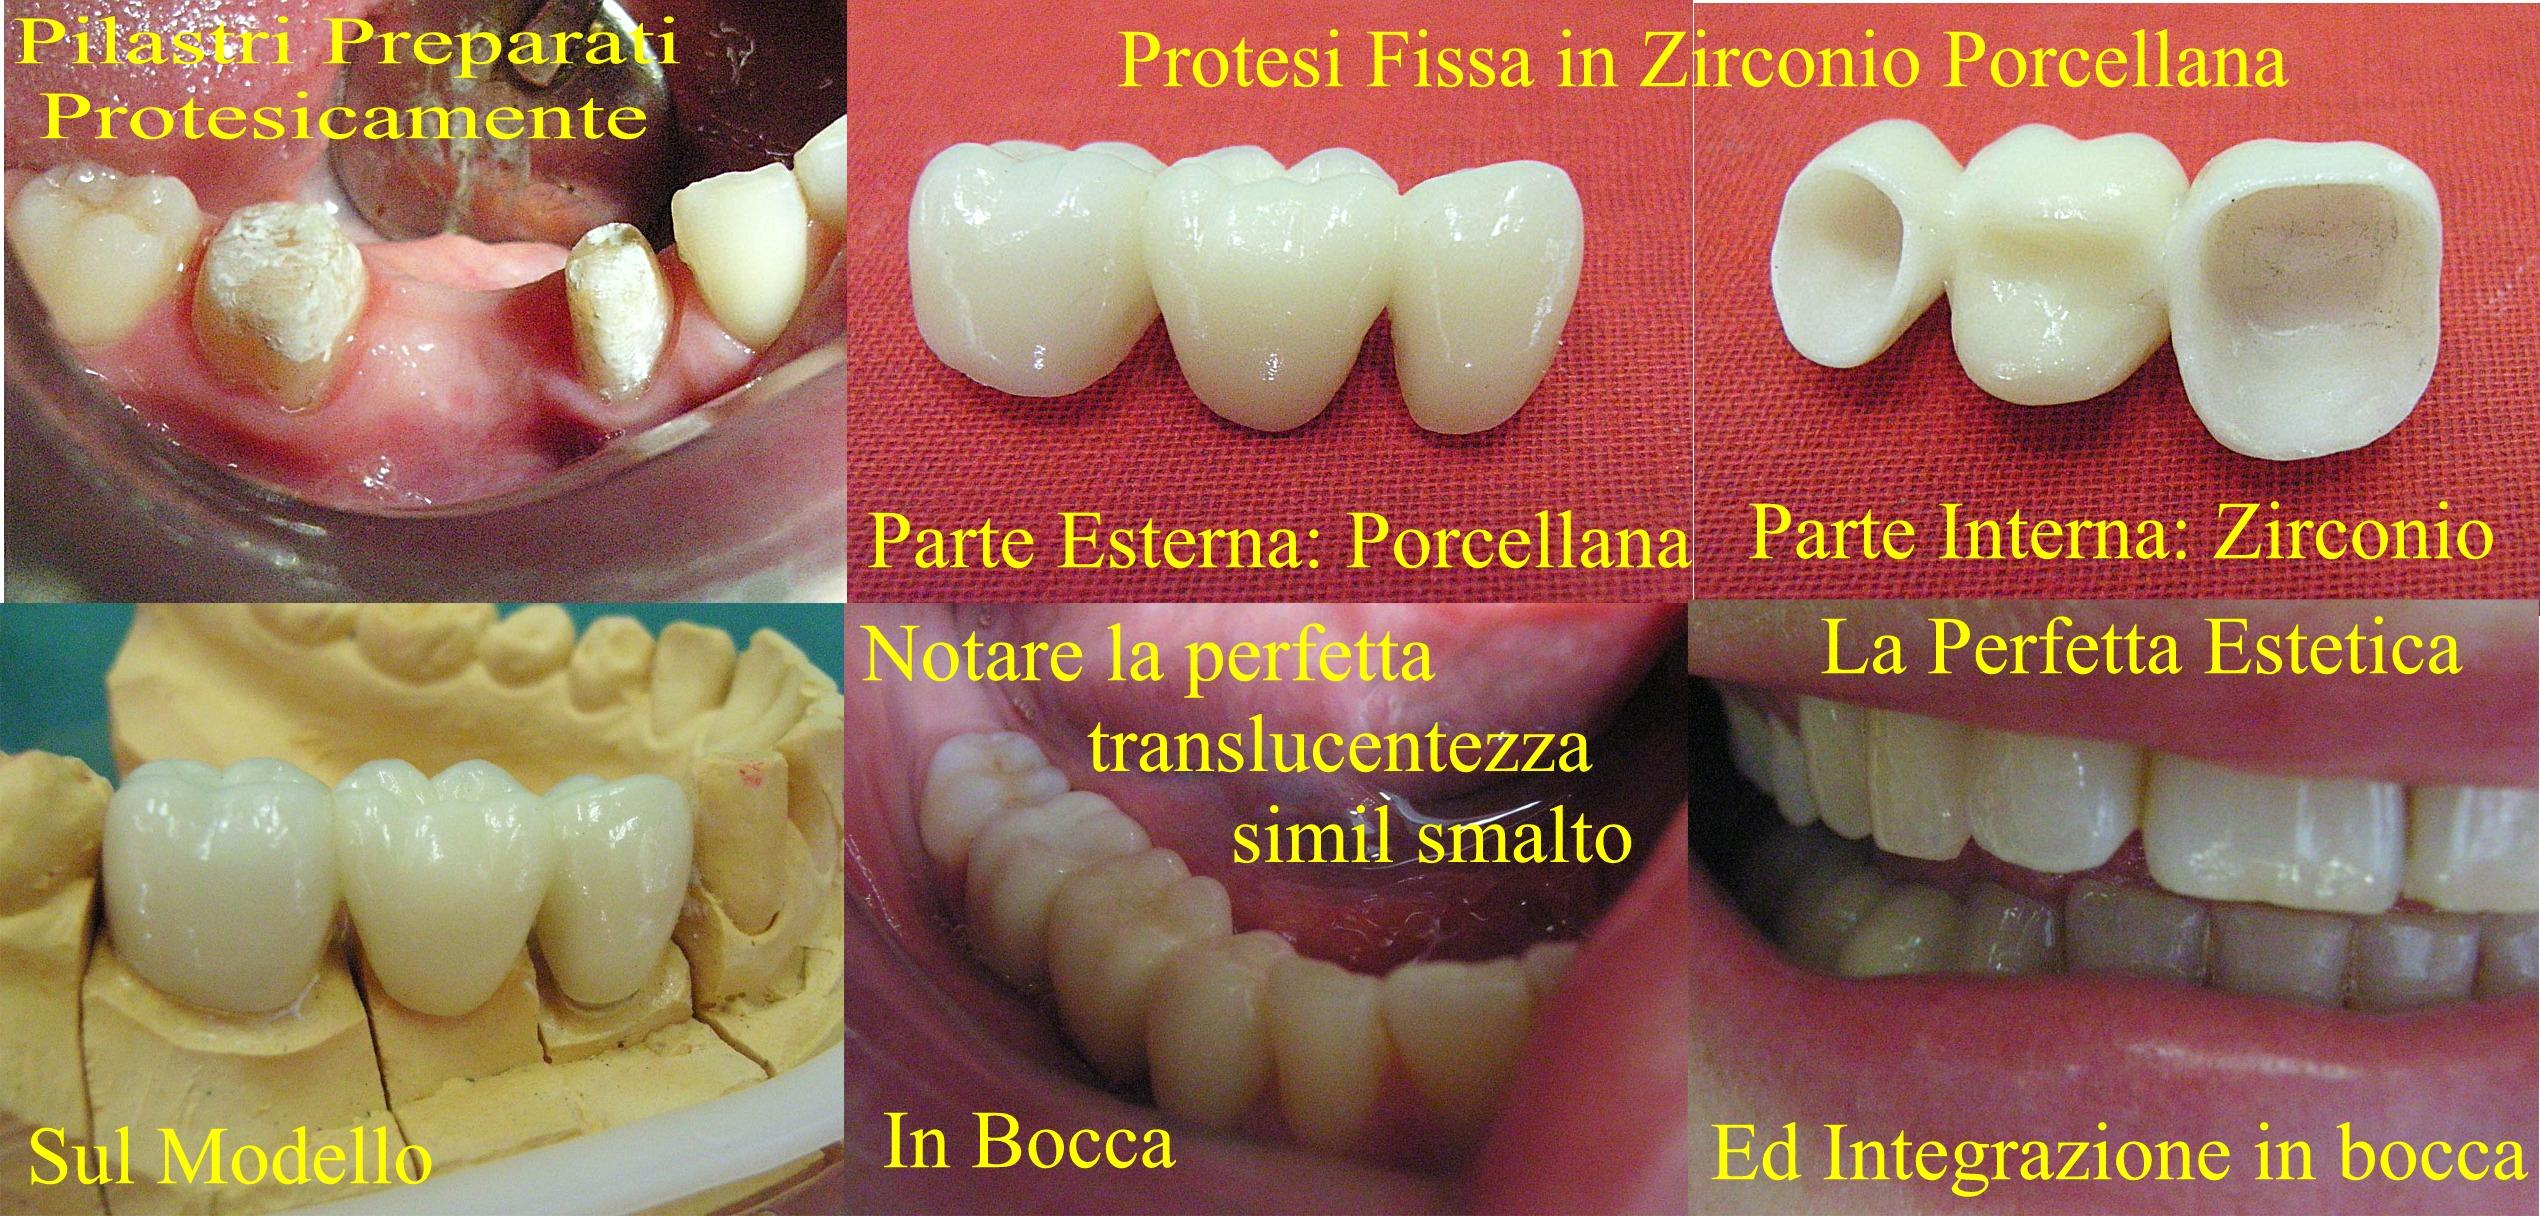 Protesi Fissa in Zirconio Porcellana come esempio. Da casistica Clinico protesica della Dr.ssa Claudia Petti di Cagliari